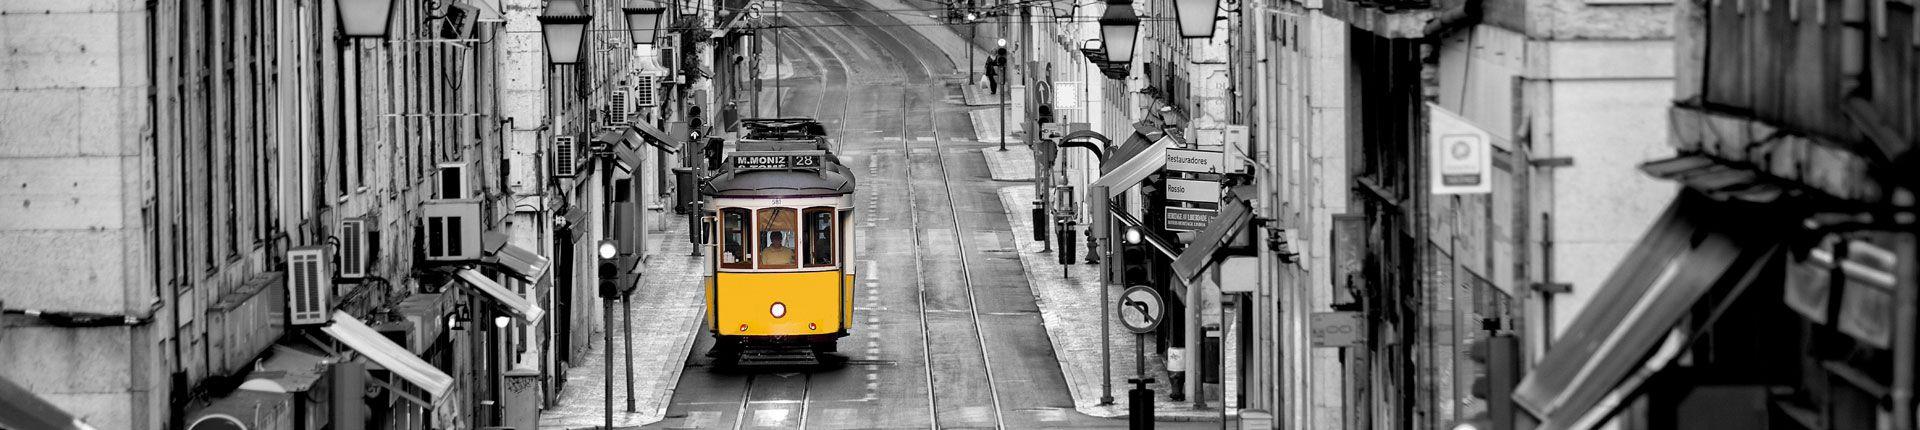 Ferienwohnungen in Lissabon Header Image